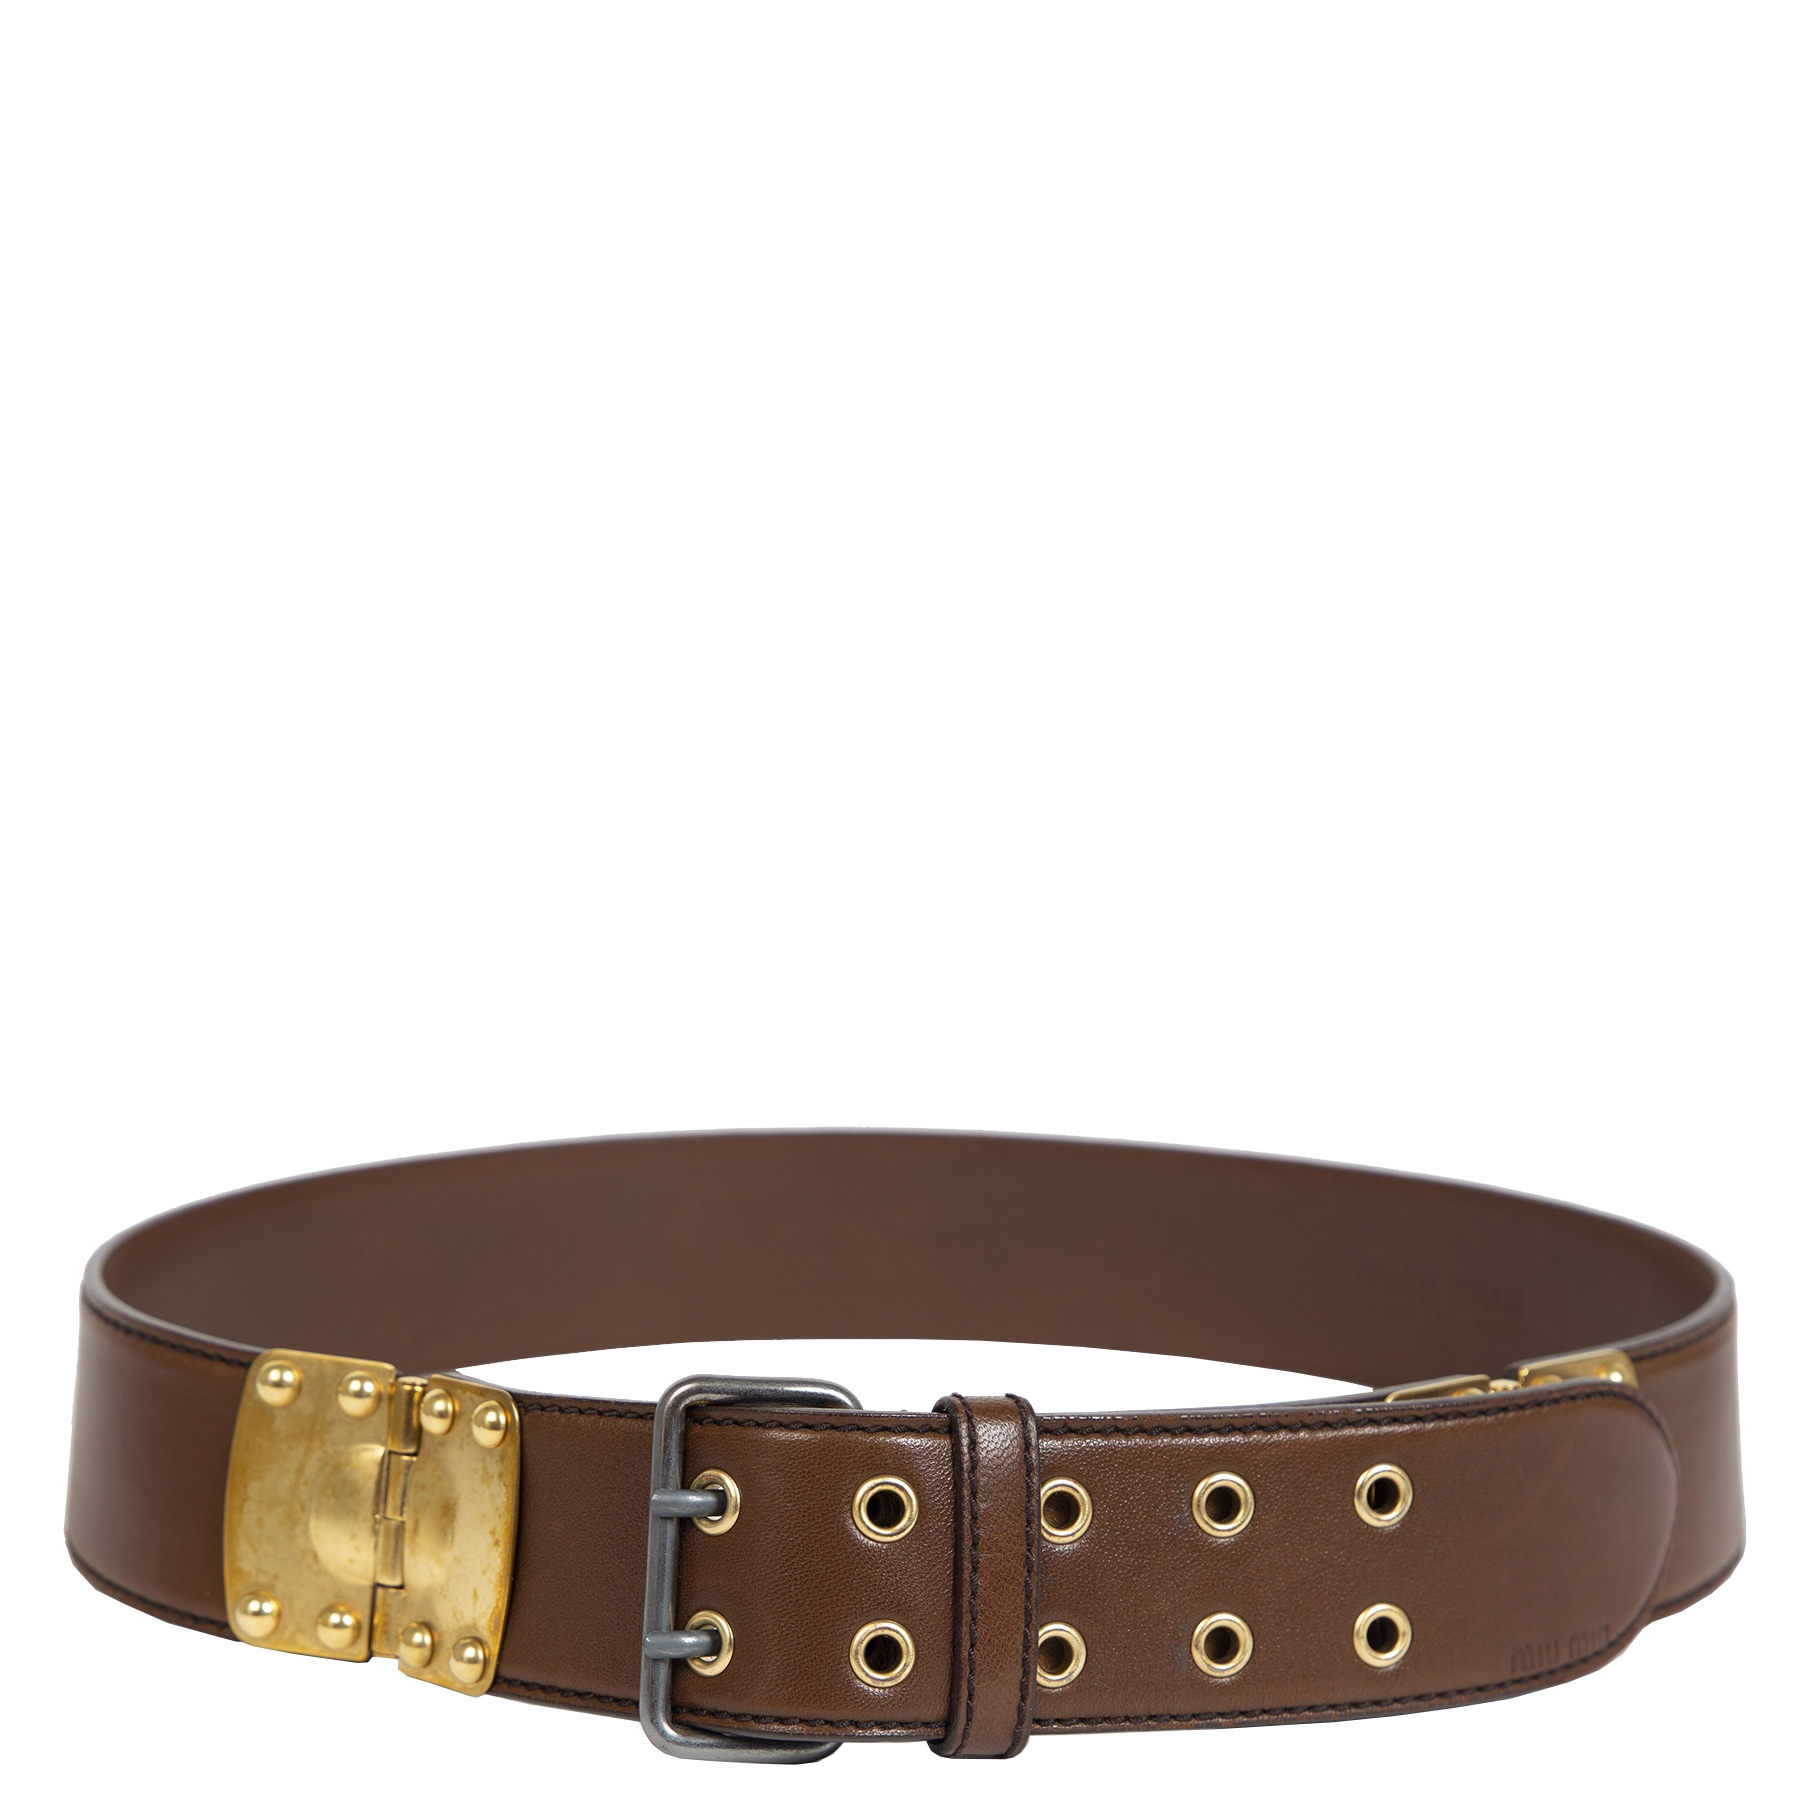 Authentieke Tweedehands Miu Miu Brown Leather Gold Hardware Belt - Size 80 juiste prijs veilig online shoppen luxe merken webshop winkelen Antwerpen België mode fashion